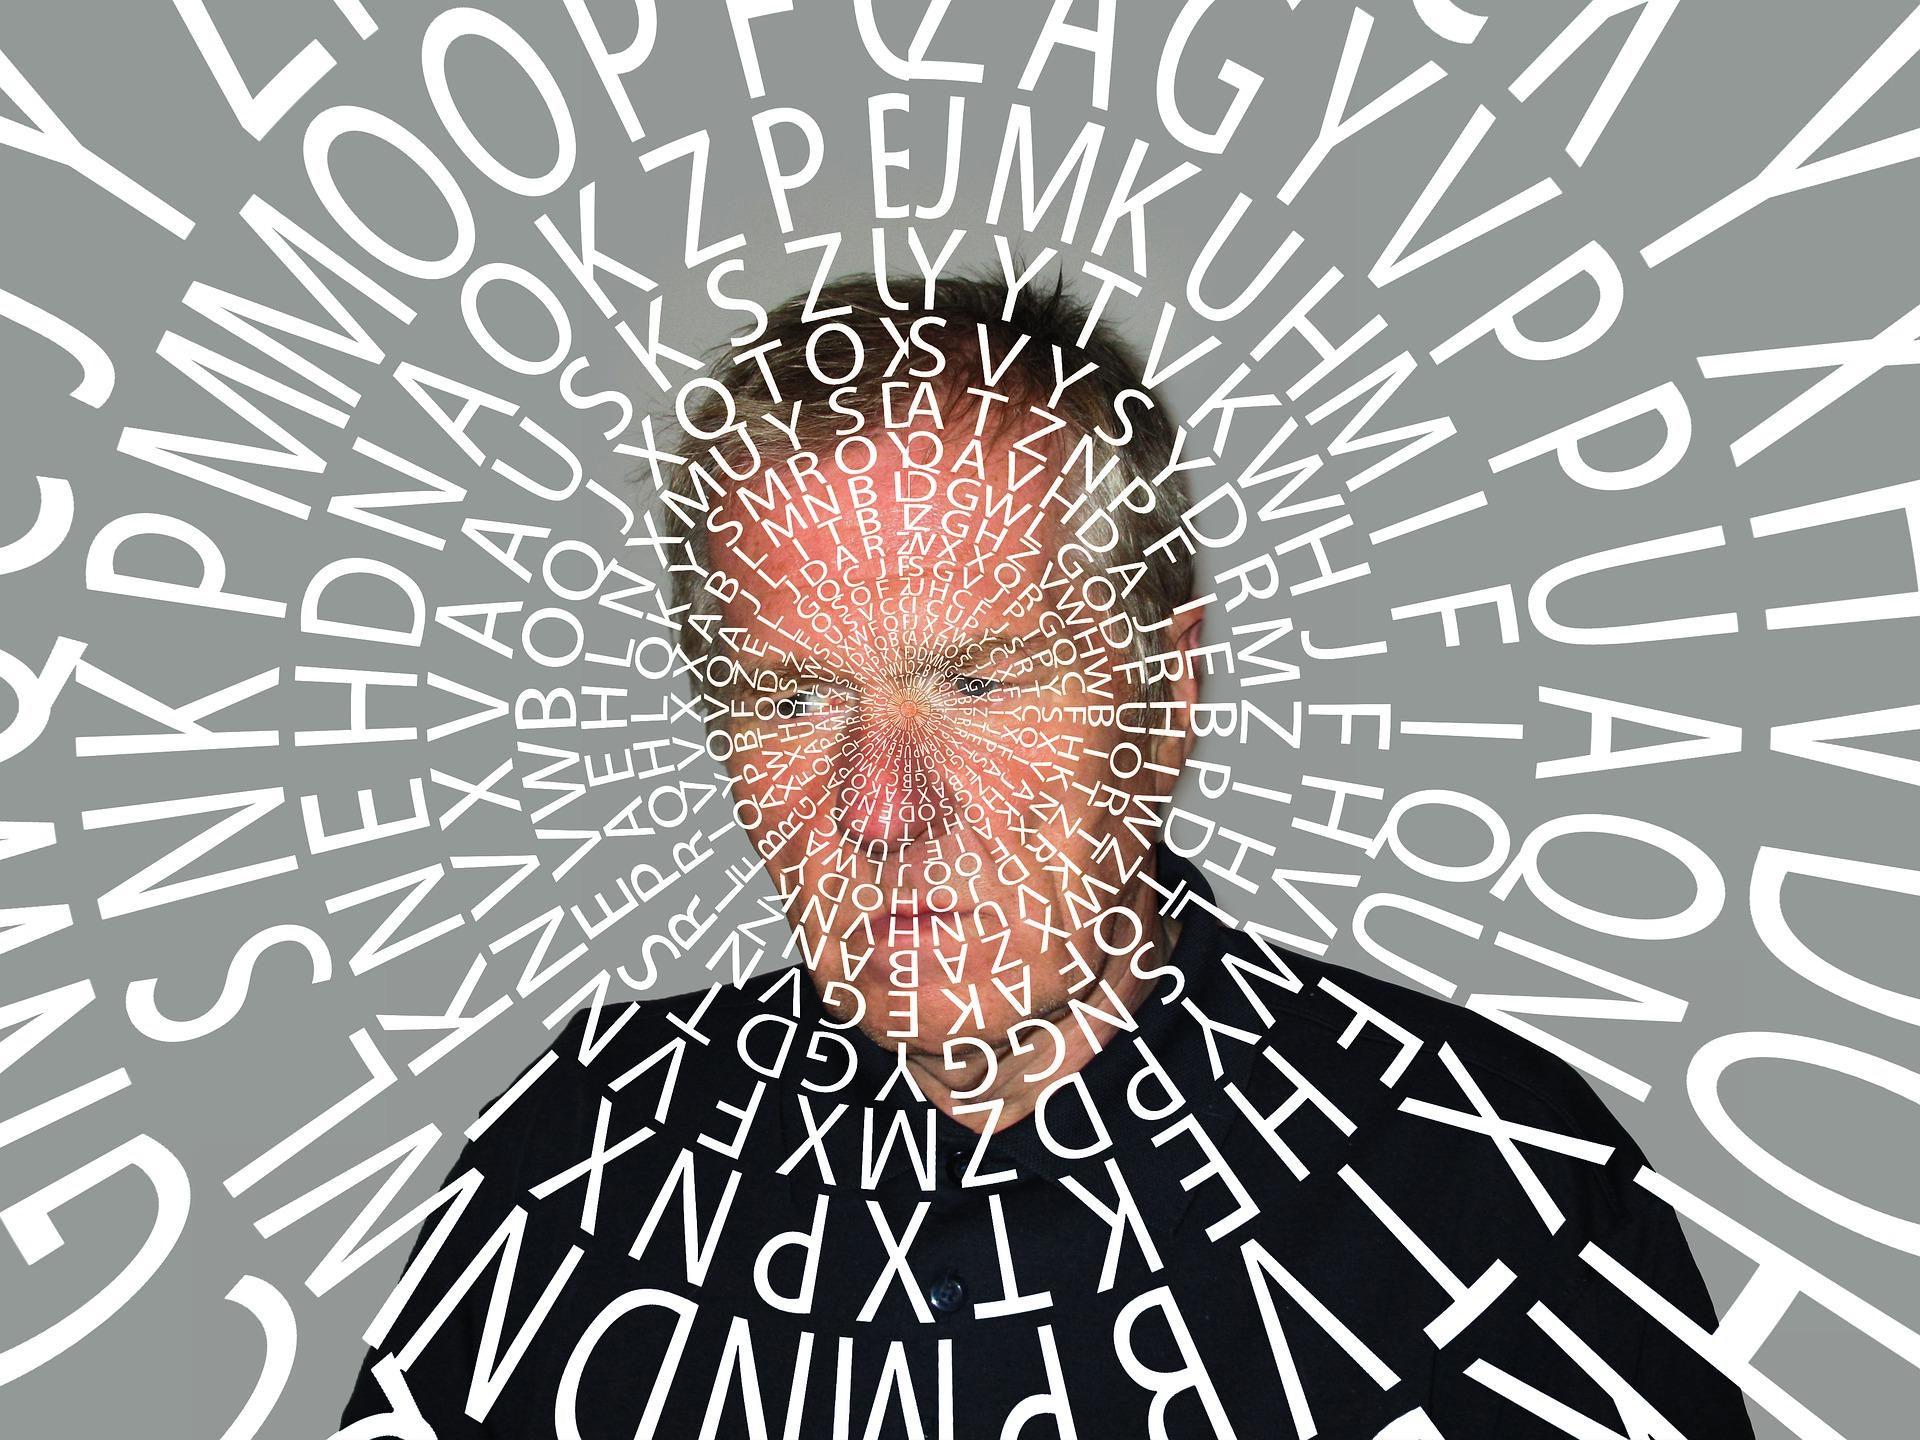 Warum uns mit dem Alter Wörter schlechter einfallen (c) Pixabay